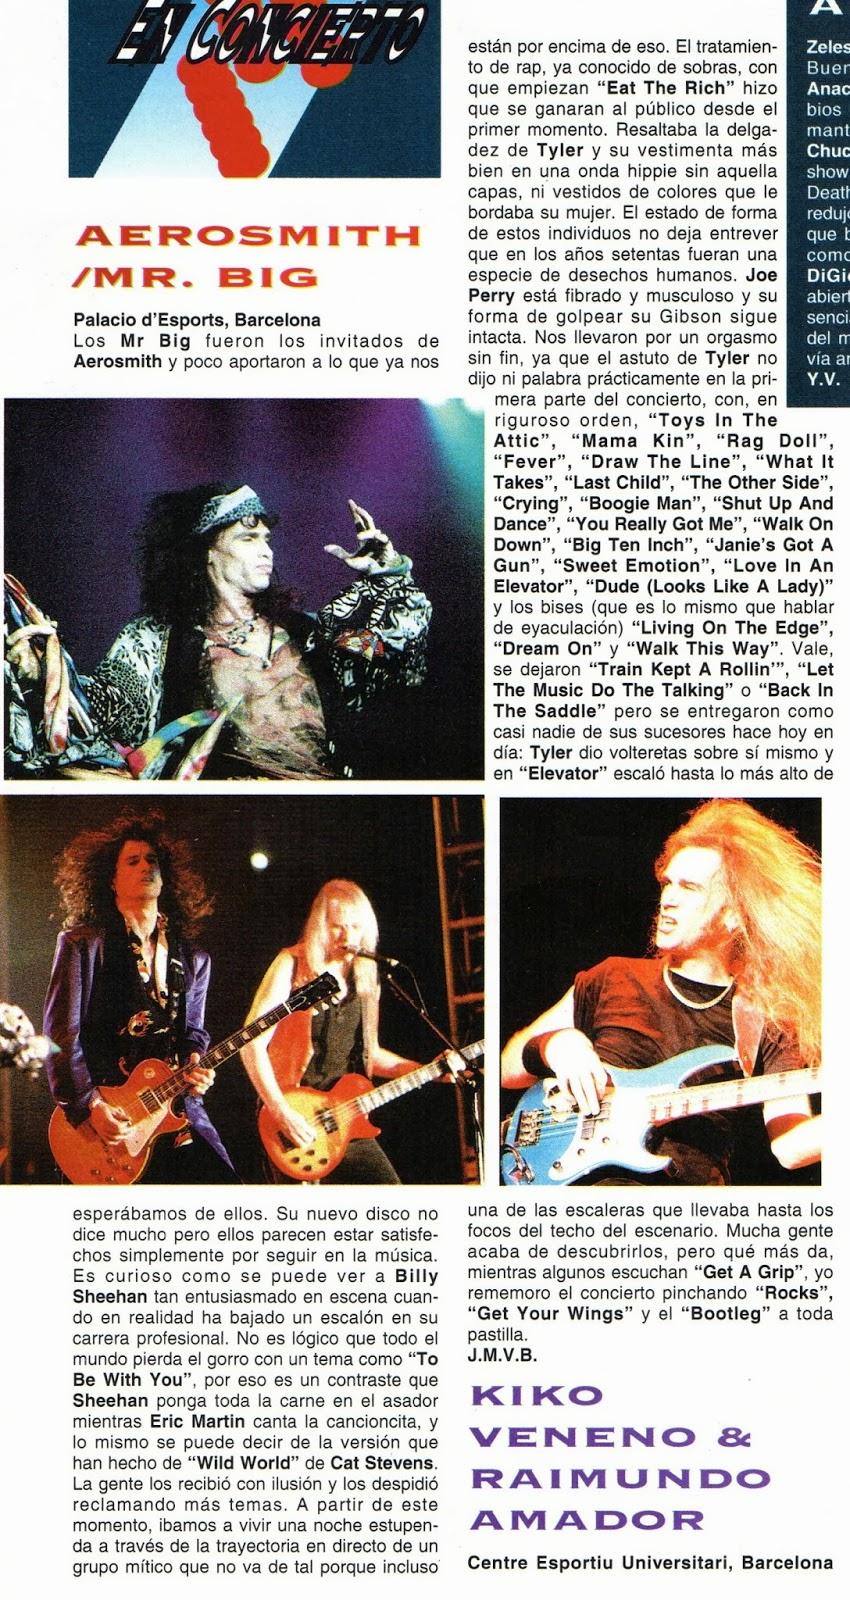 LACA para los Viernes - Operation: Mindcrime (1988) de Queensrÿche - Página 14 Aero_111